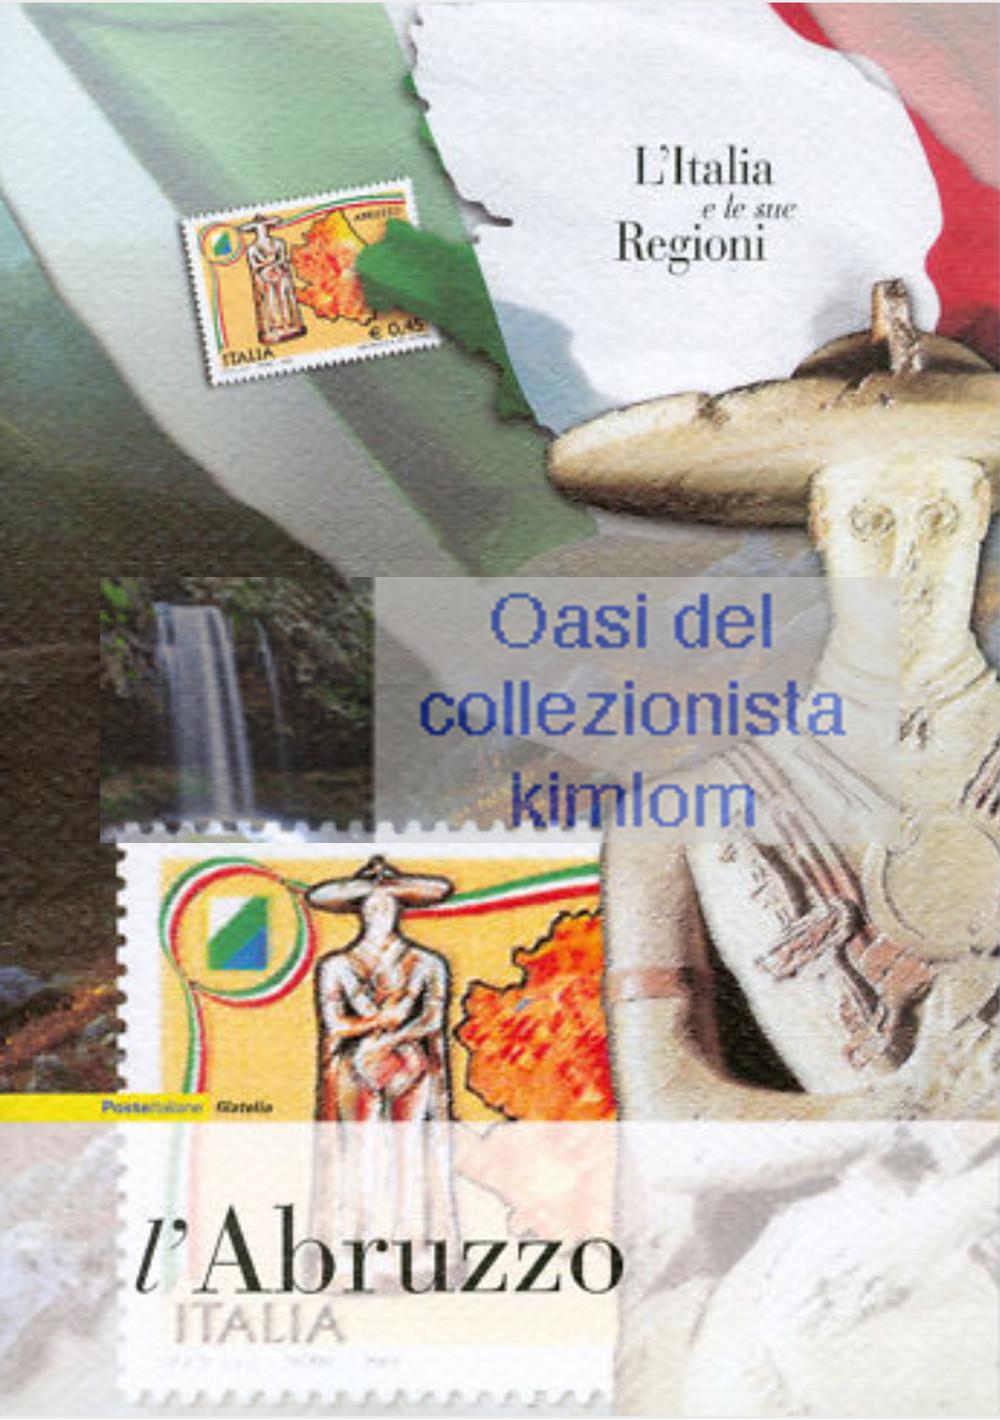 folder - L'Italia e le sue Regioni - L'Abruzzo